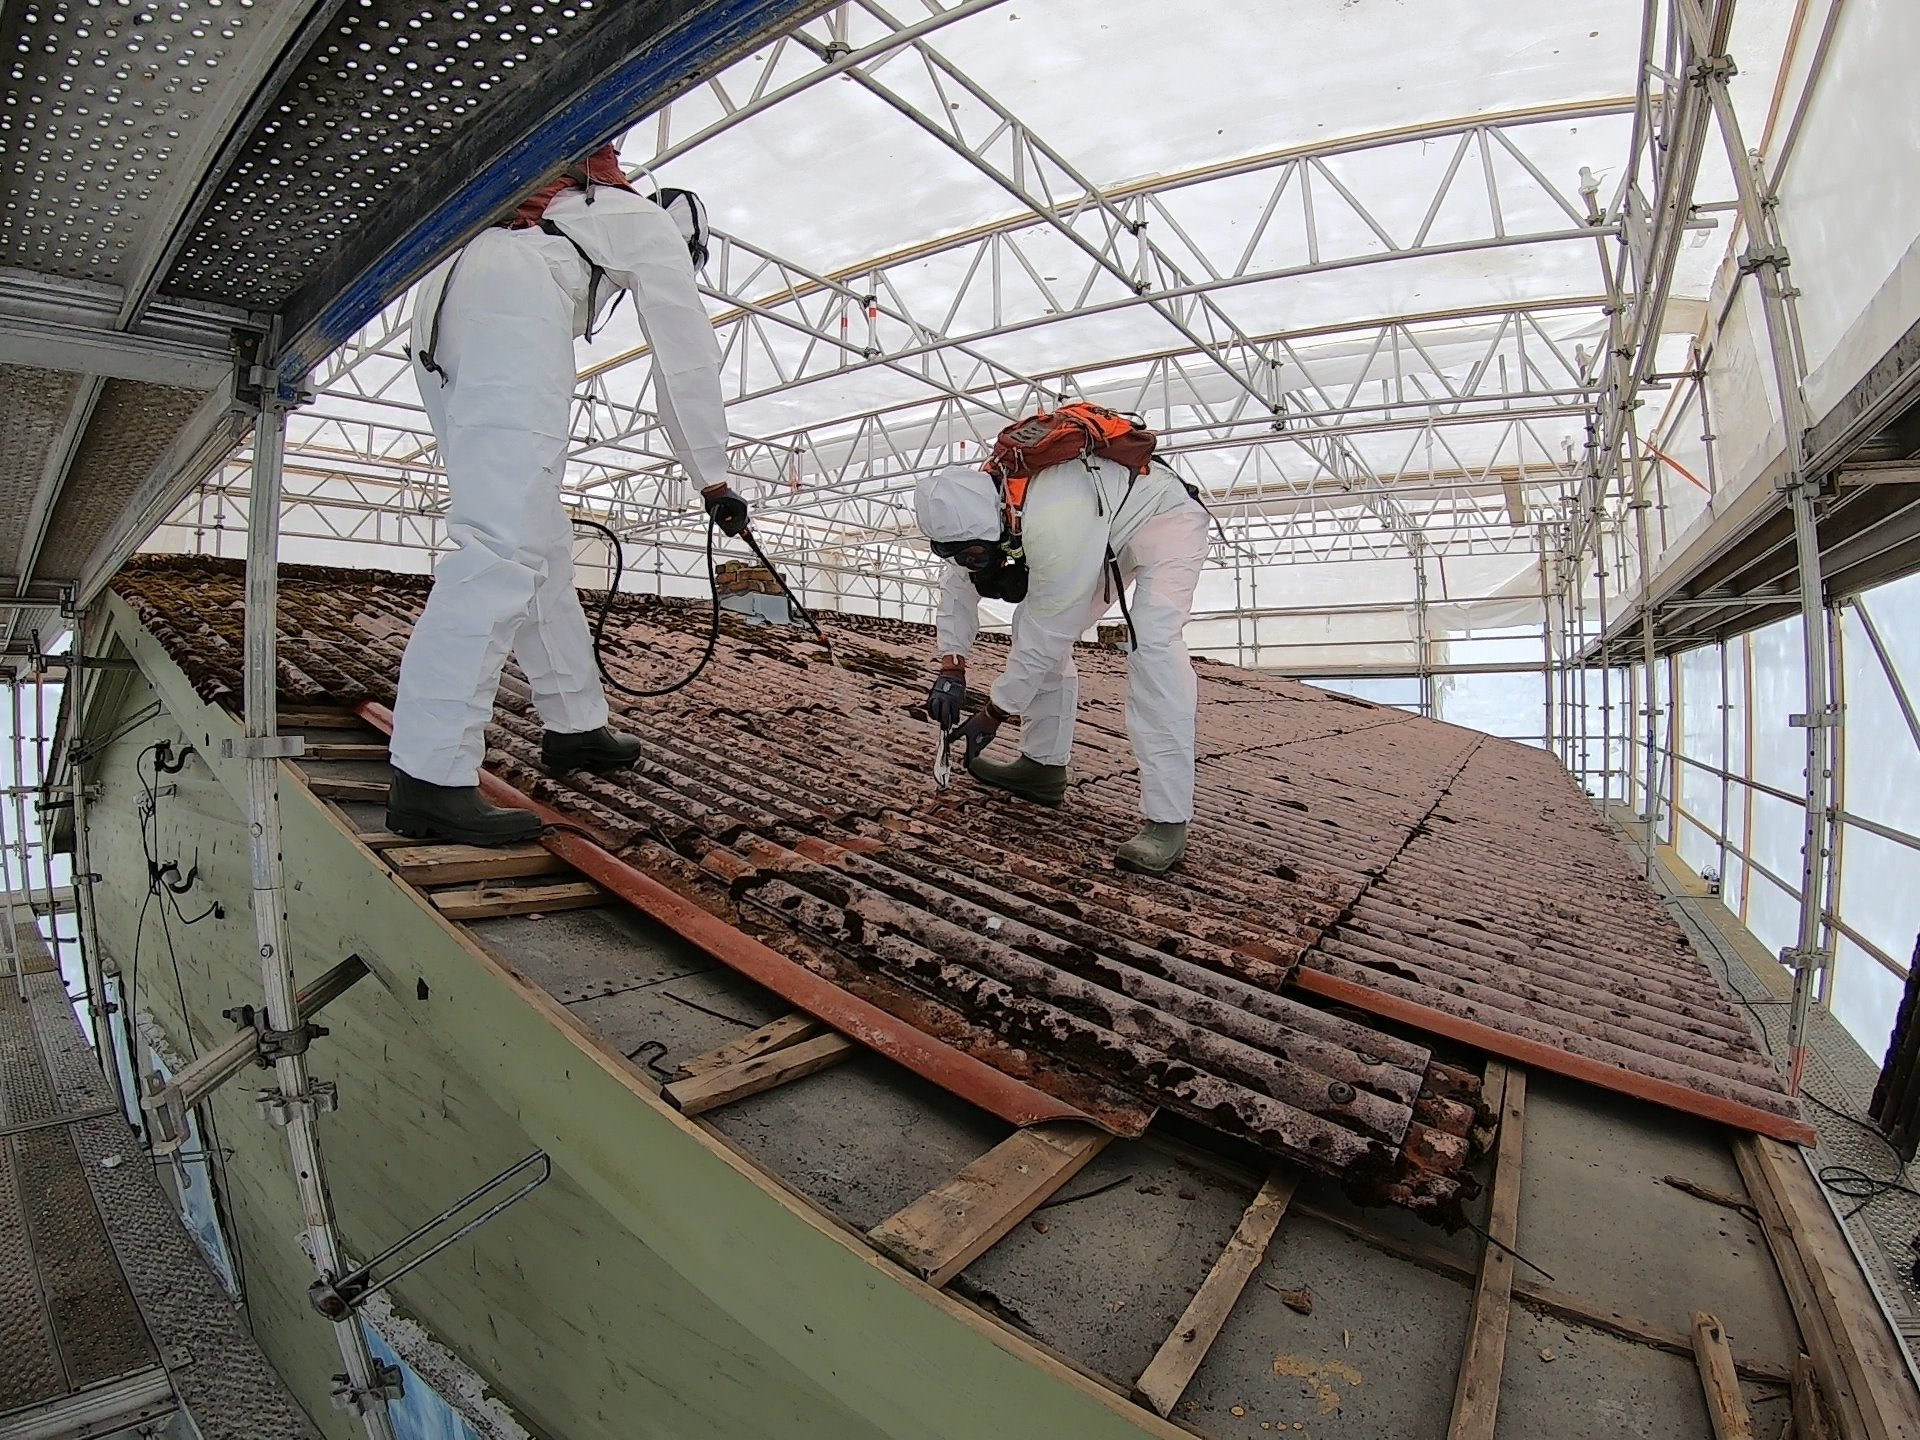 To menn i hvite vernedrakter og vernemasker arbeider med sanering av taket på et bygg.